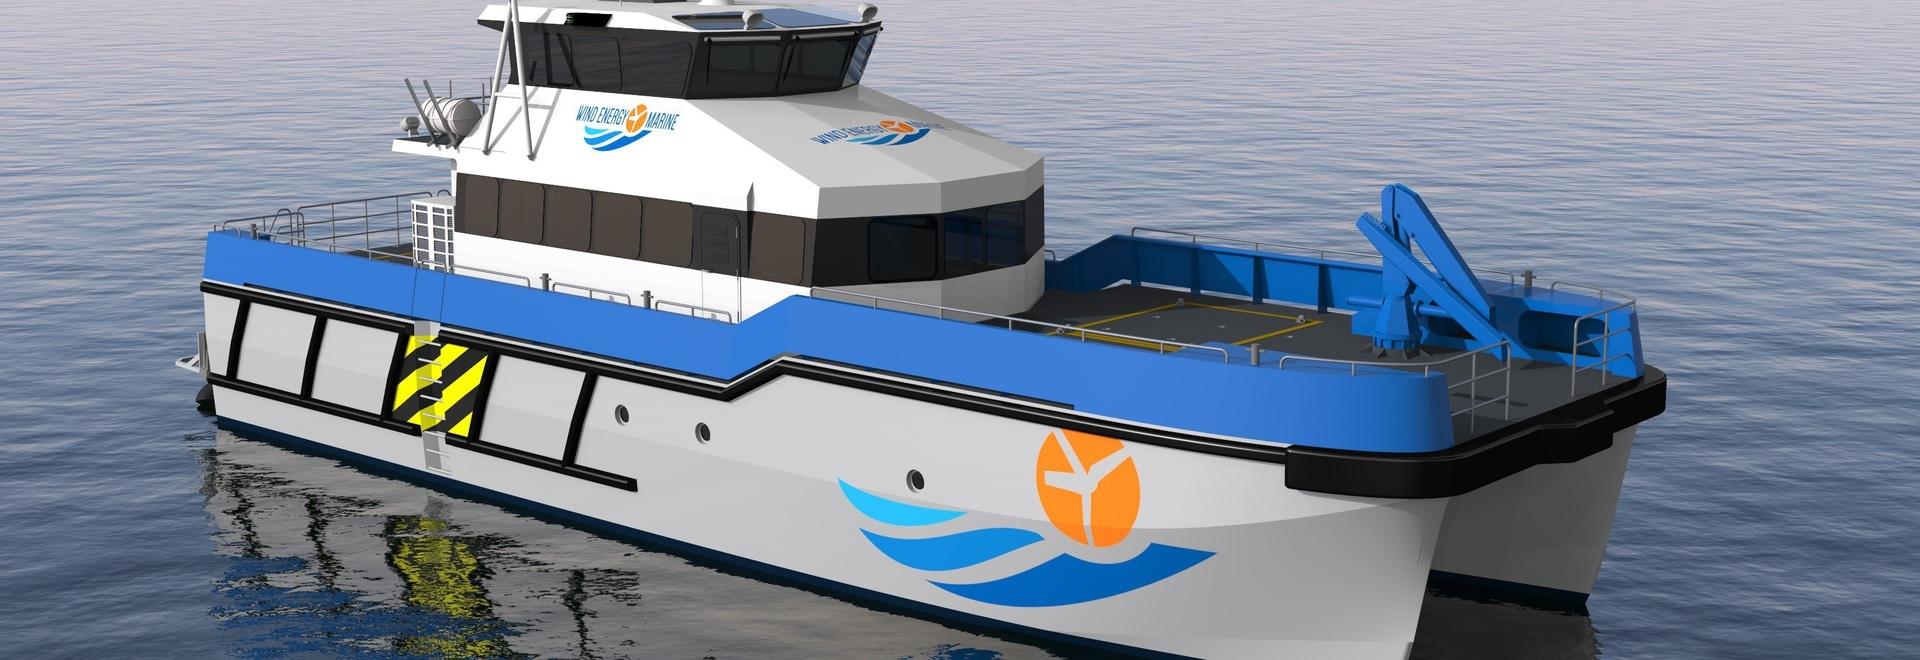 PIRIOU enregistre la commande de deux navires de soutien à l'éolien en mer pour WIND ENERGY MARINE